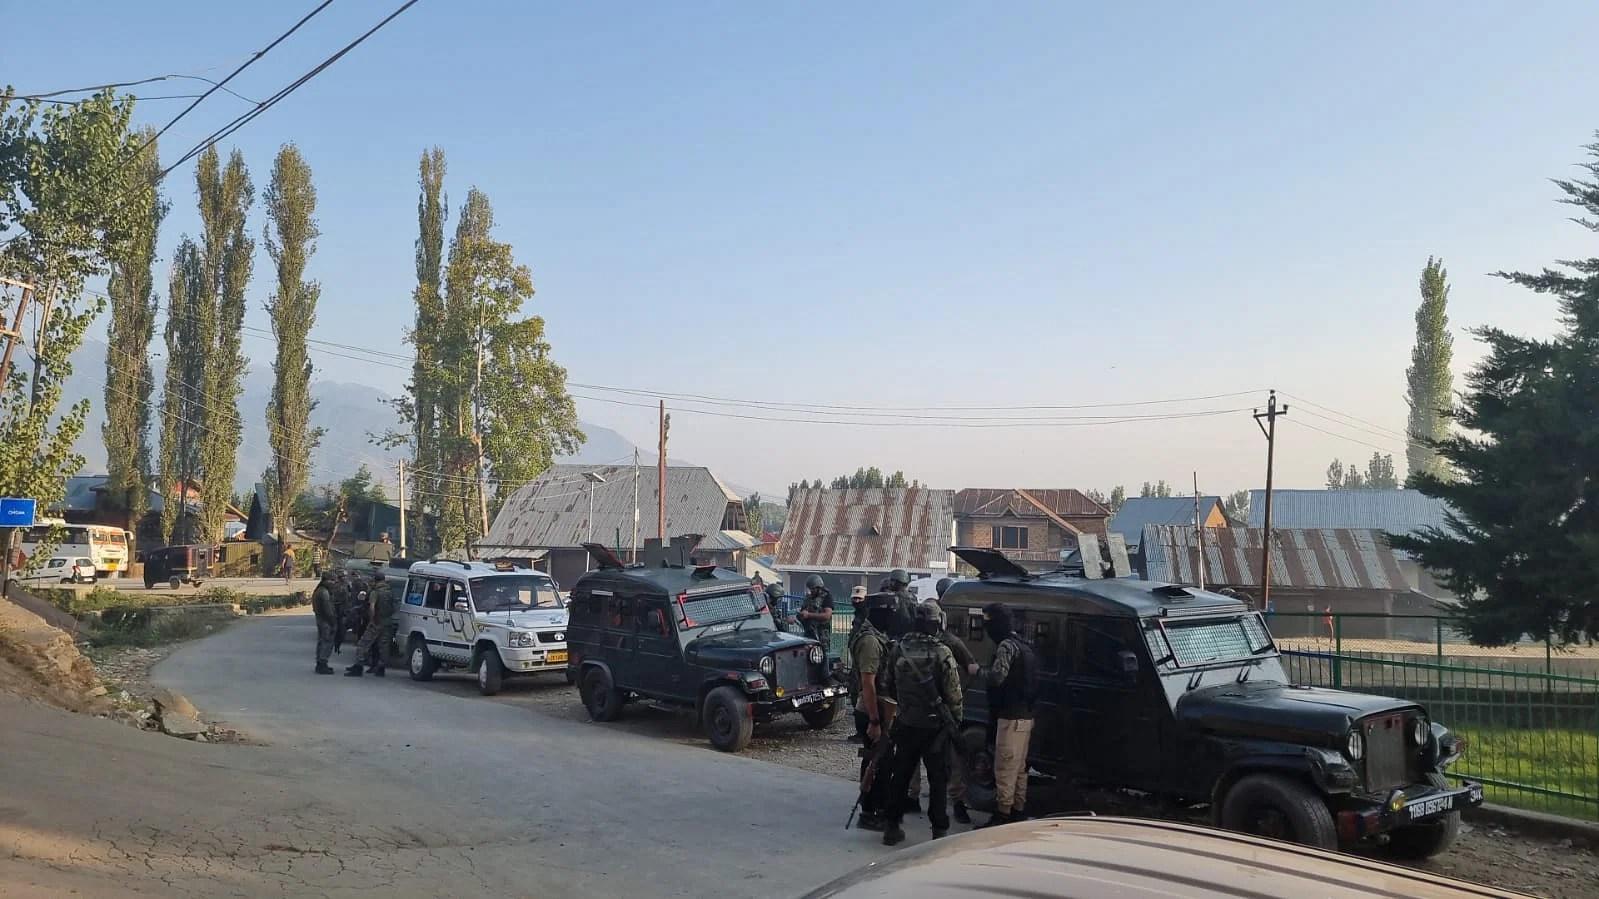 مقبوضہ جموں وکشمیر : بھارتی فوجیوں ںے چاڈورہ قصبے میں تلاشی آپریشن شروع کر دیا